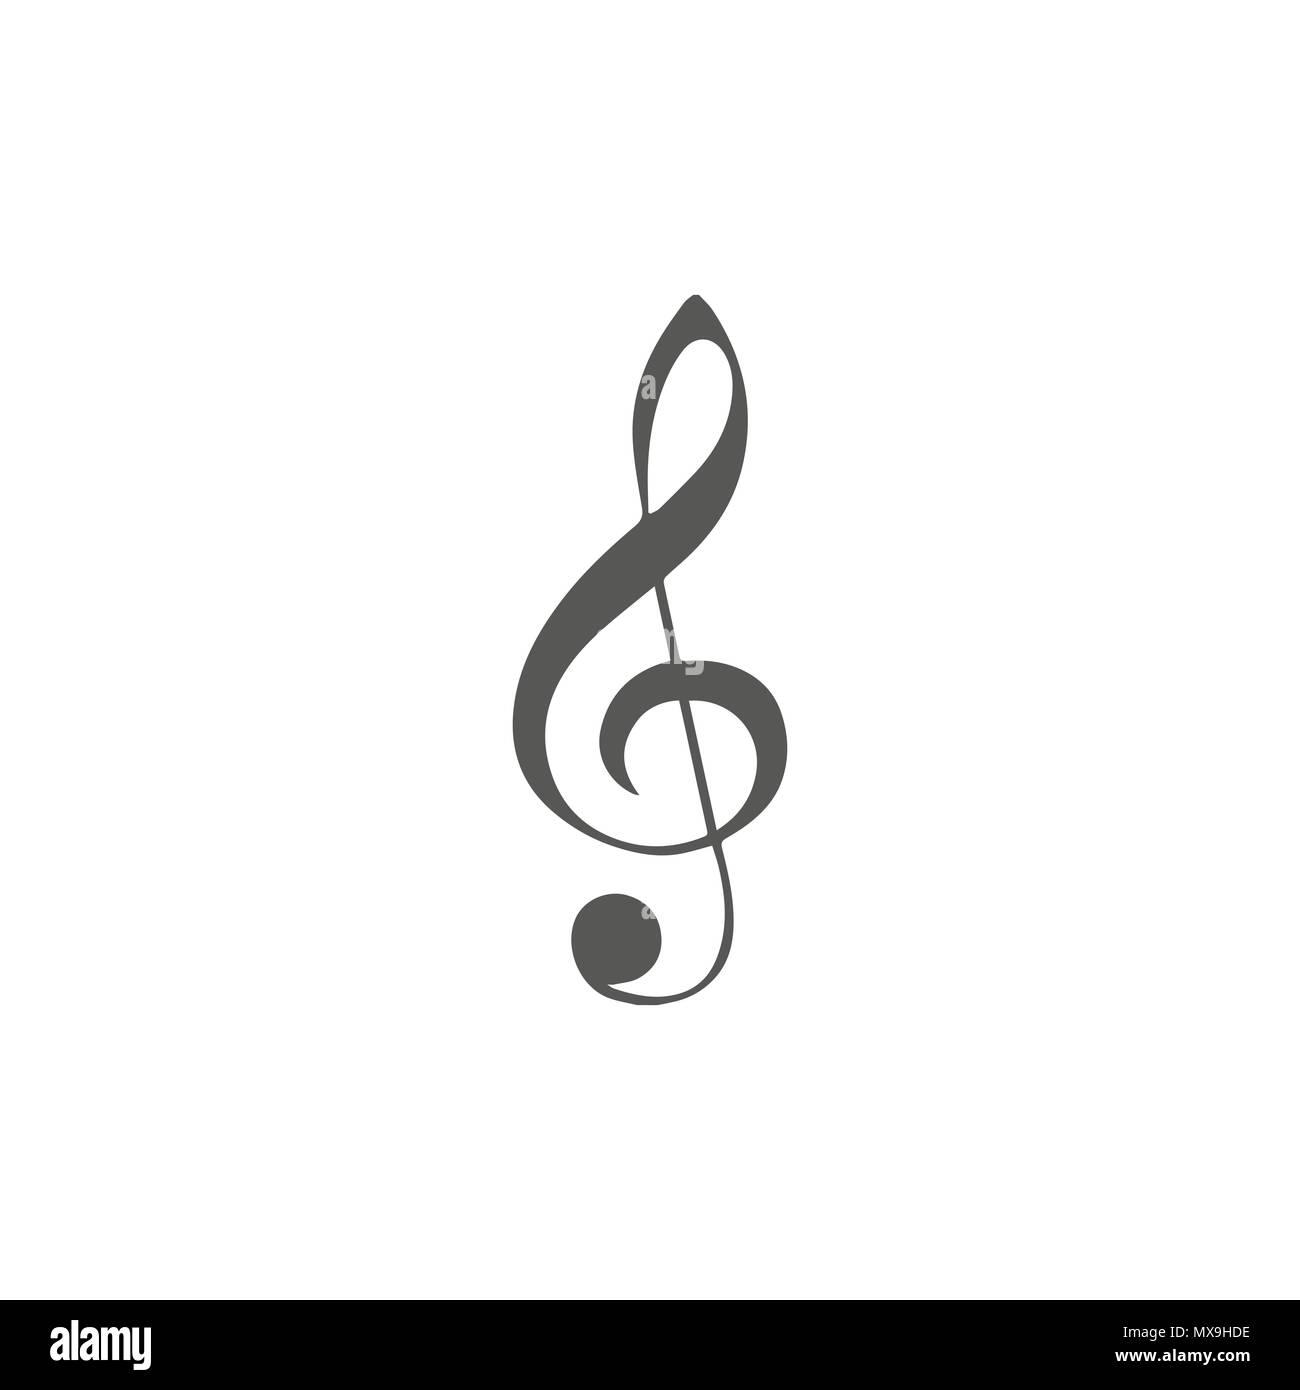 Vettore Icona Semplice Per Tema Musicale Illustrazione Della Chiave